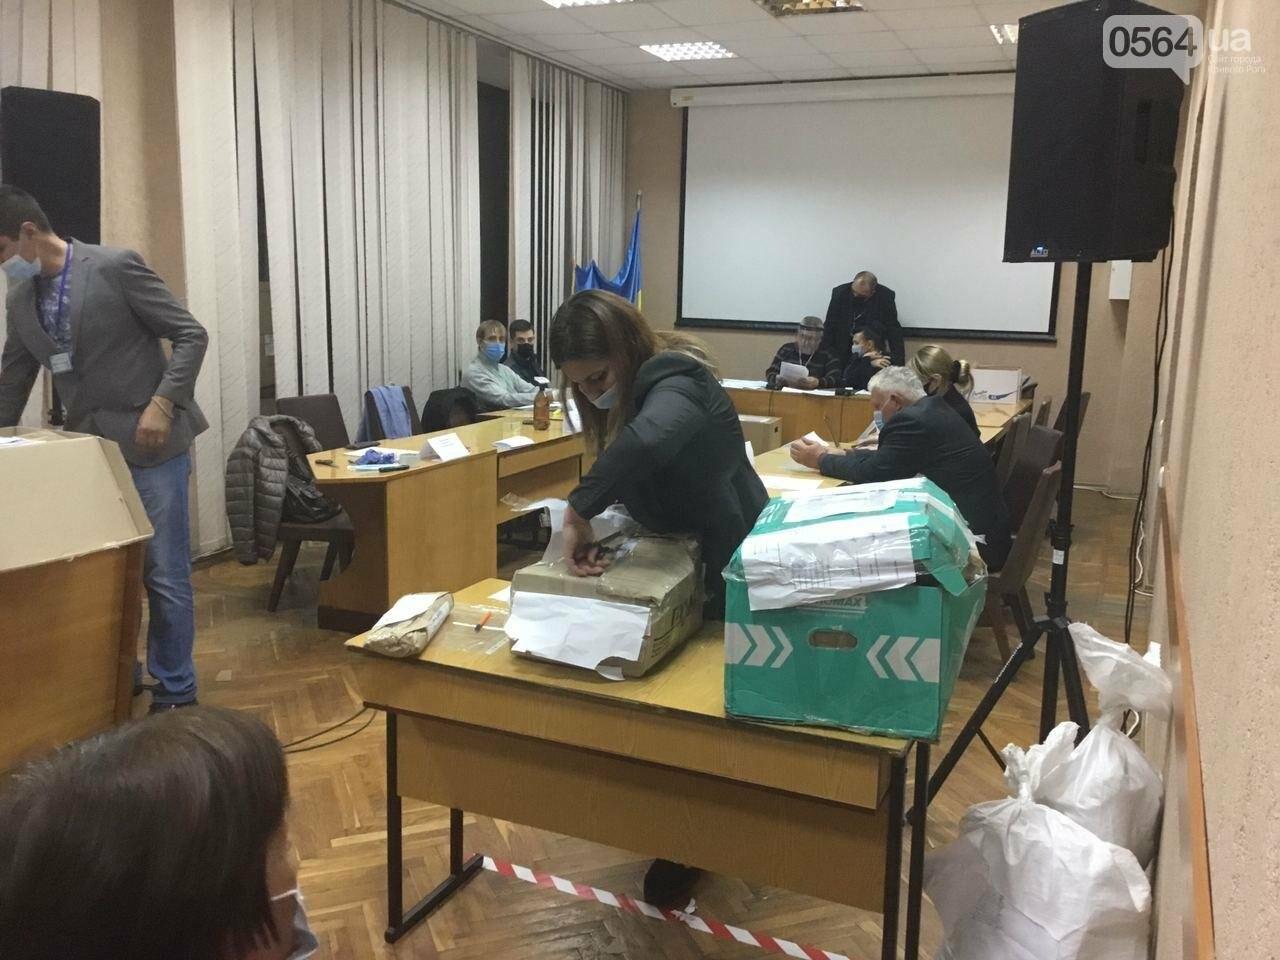 Криворожская городская избирательная комиссия приняла протоколы от более 25% УИК, - ФОТО, фото-6